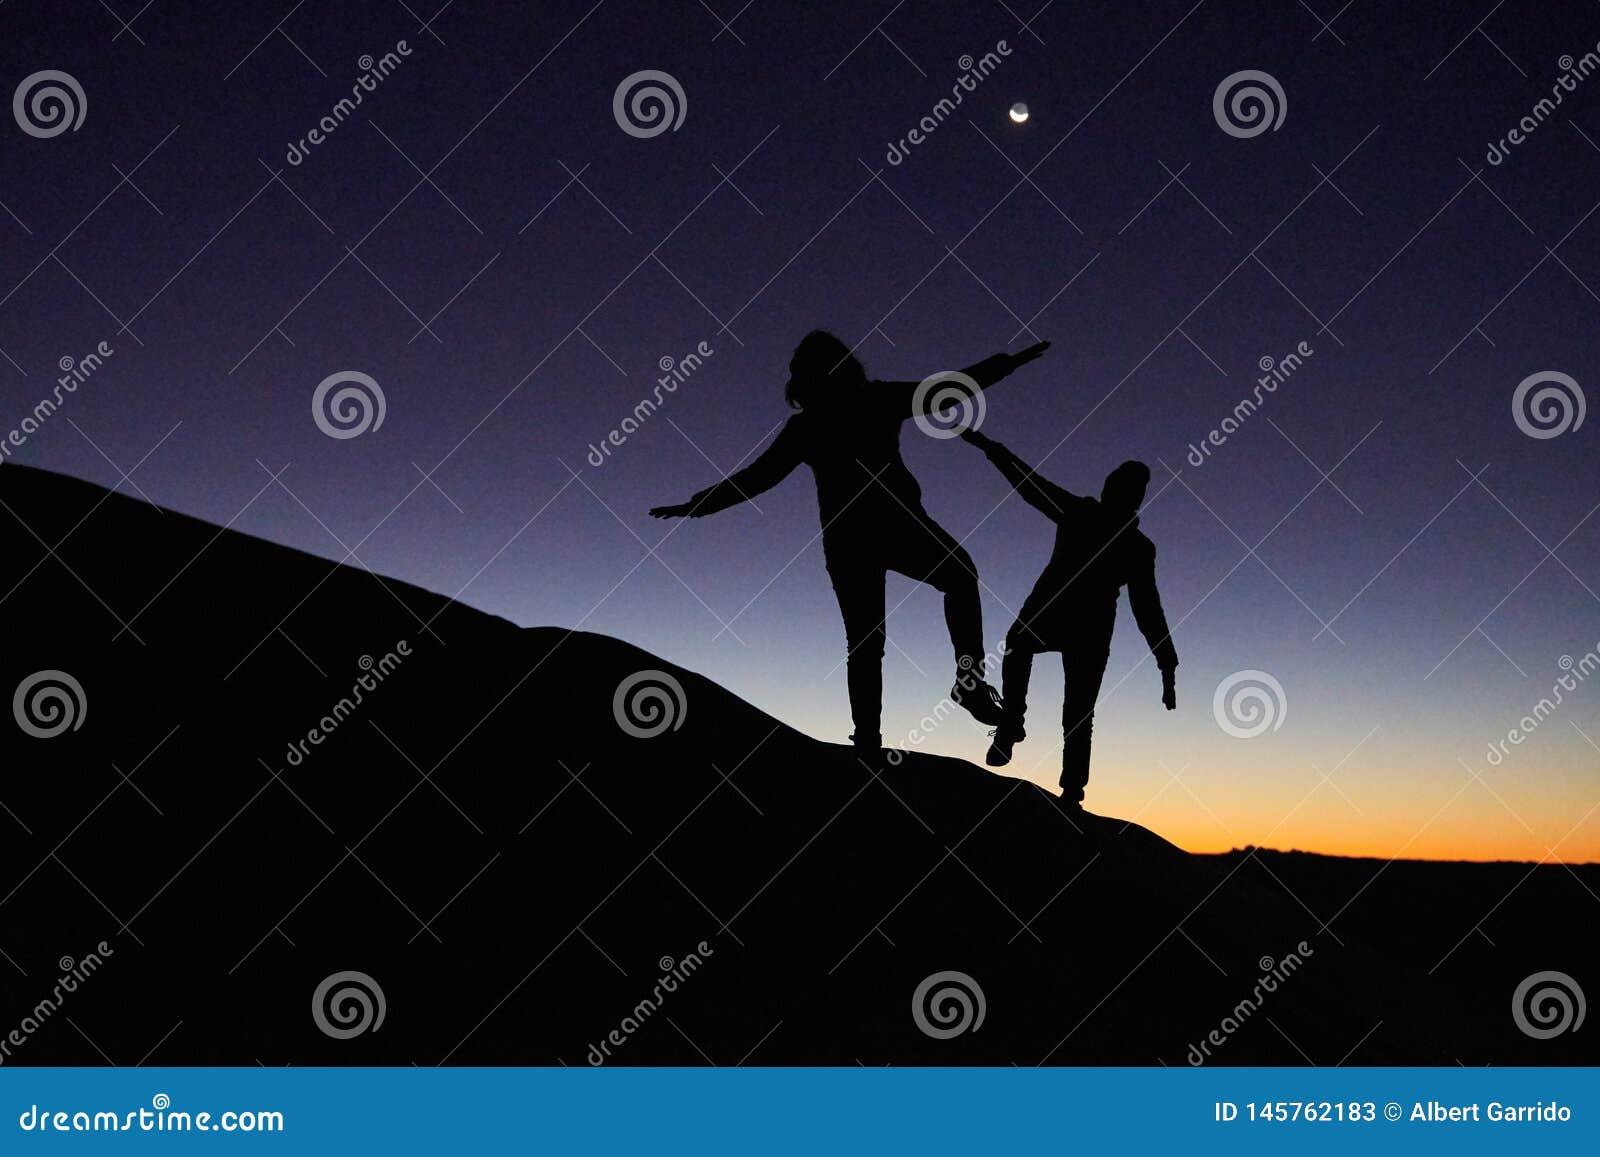 Merzouga, Marocco - 4 dicembre 2018: lampadina due persone che scalano una duna con un alba